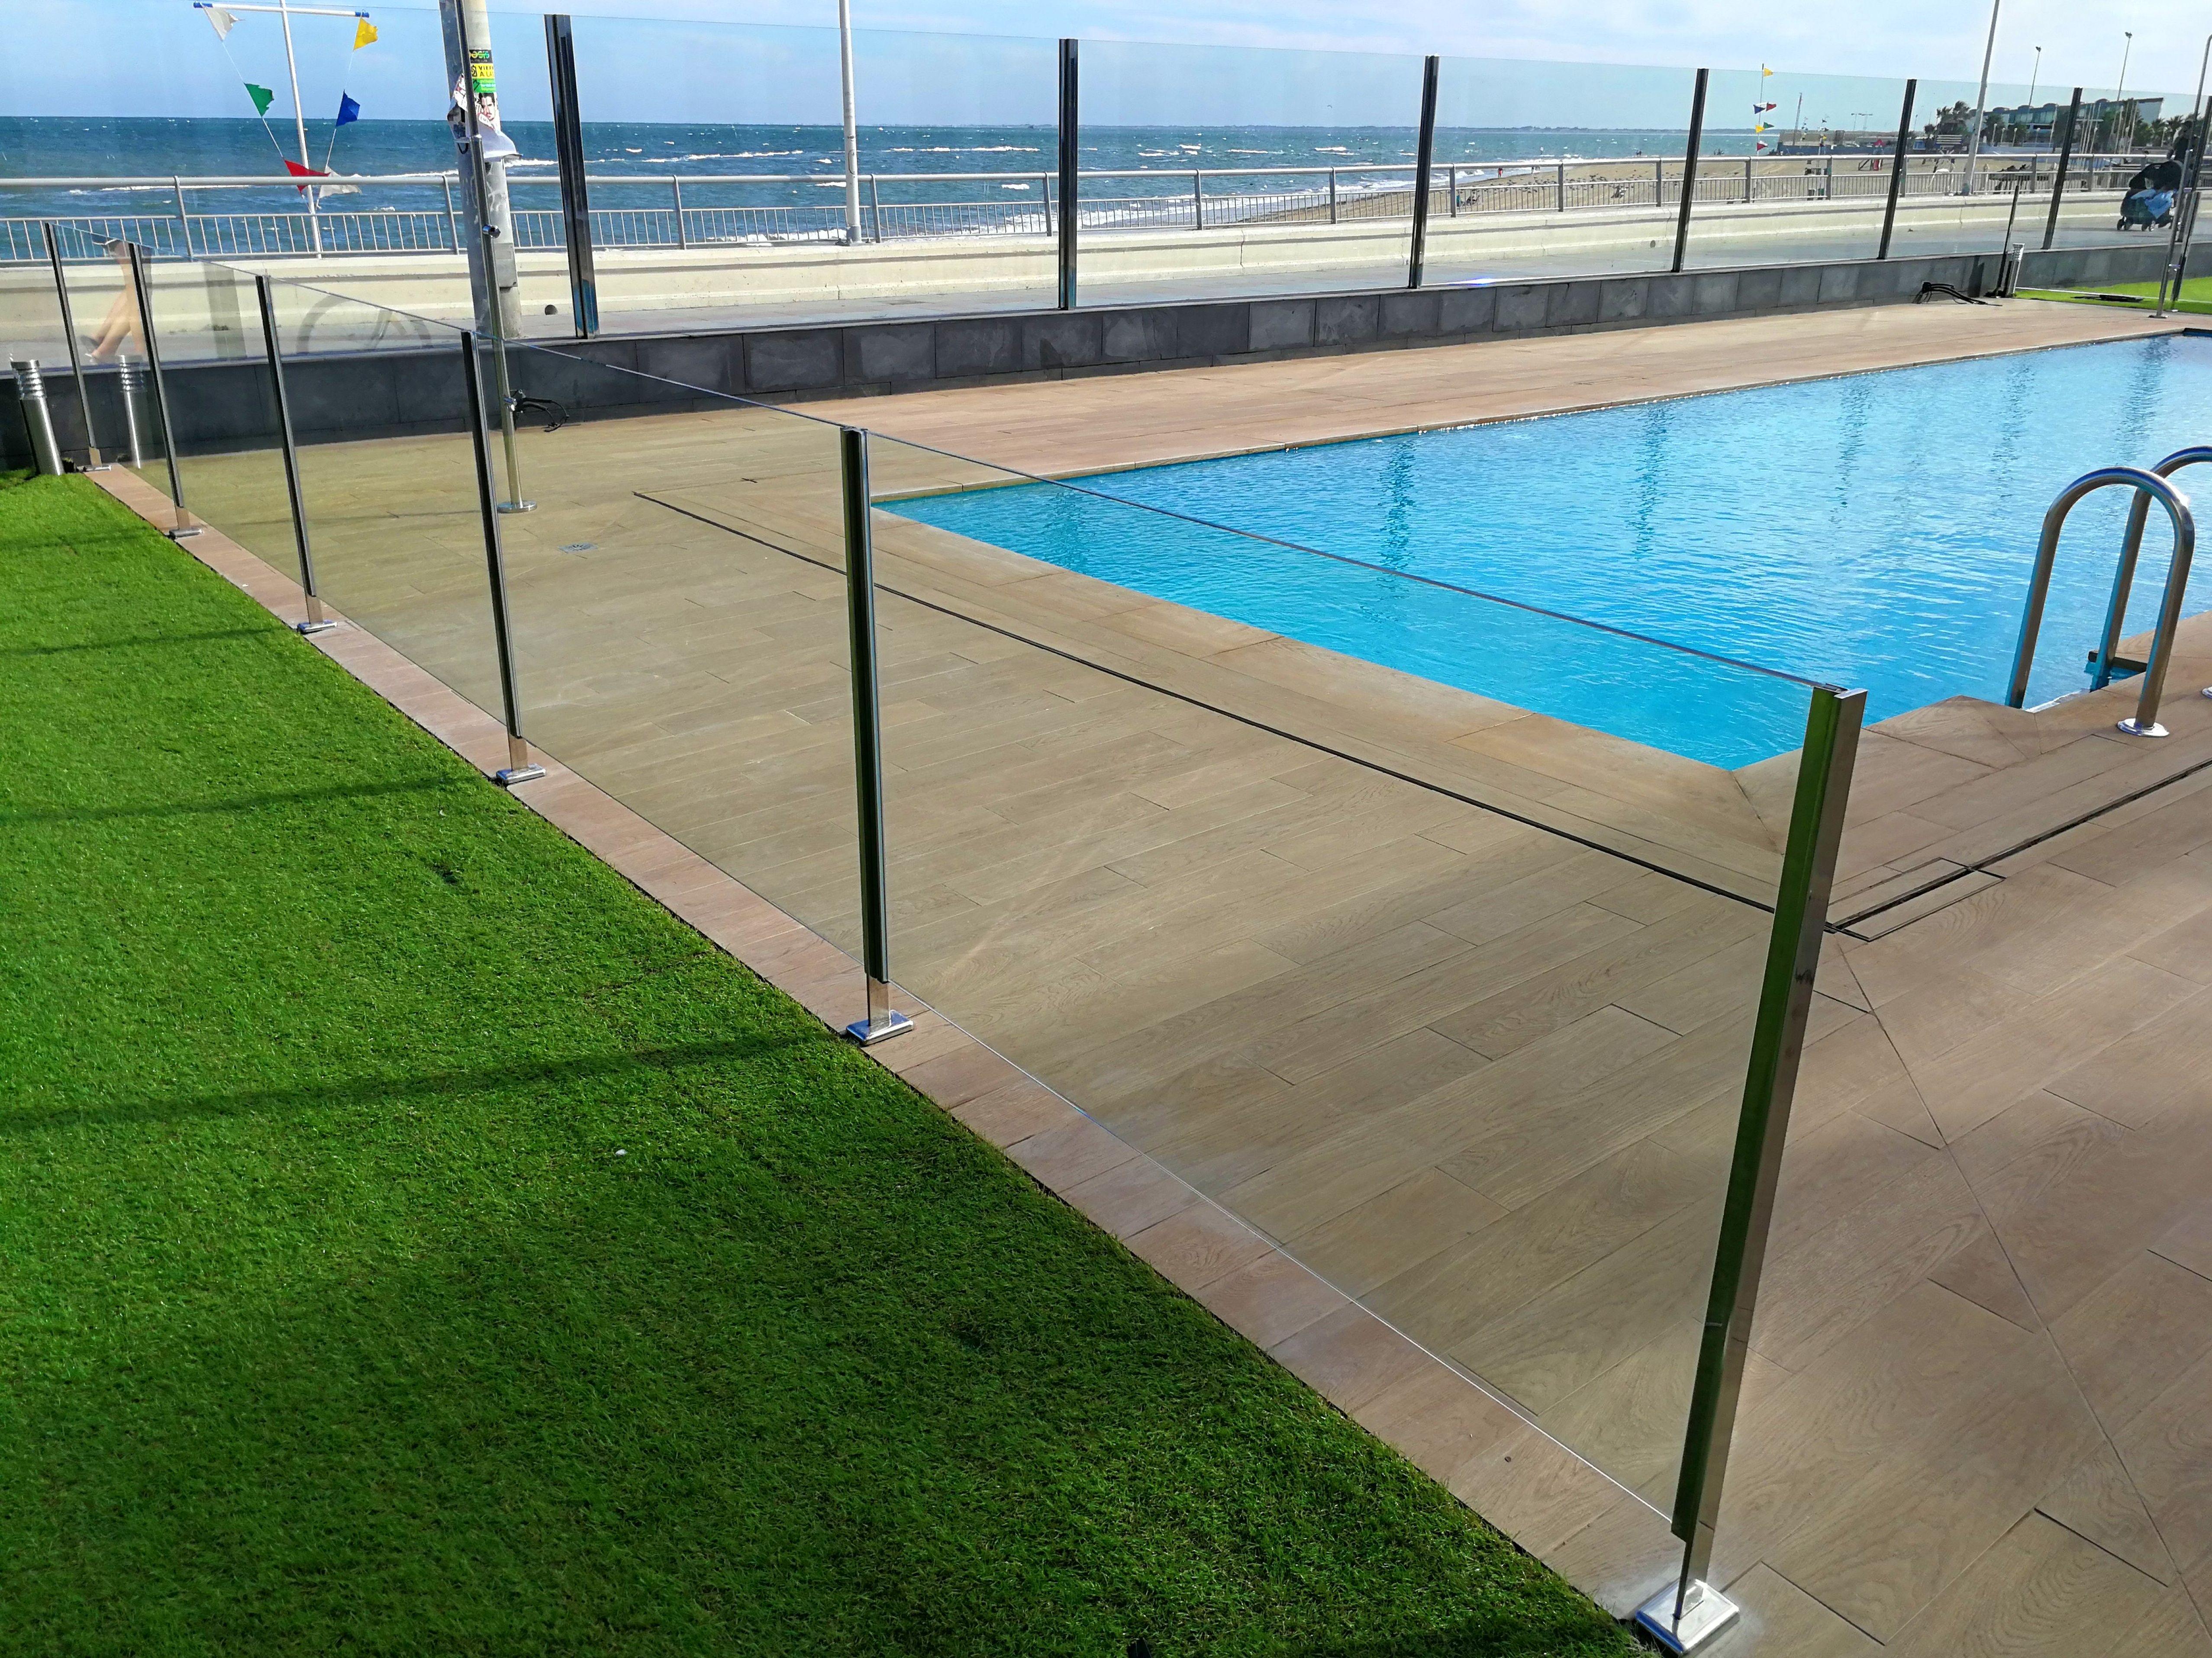 Barandilla de acero inoxidable y vidrio diseñada y fabricada a medida para zona de piscina